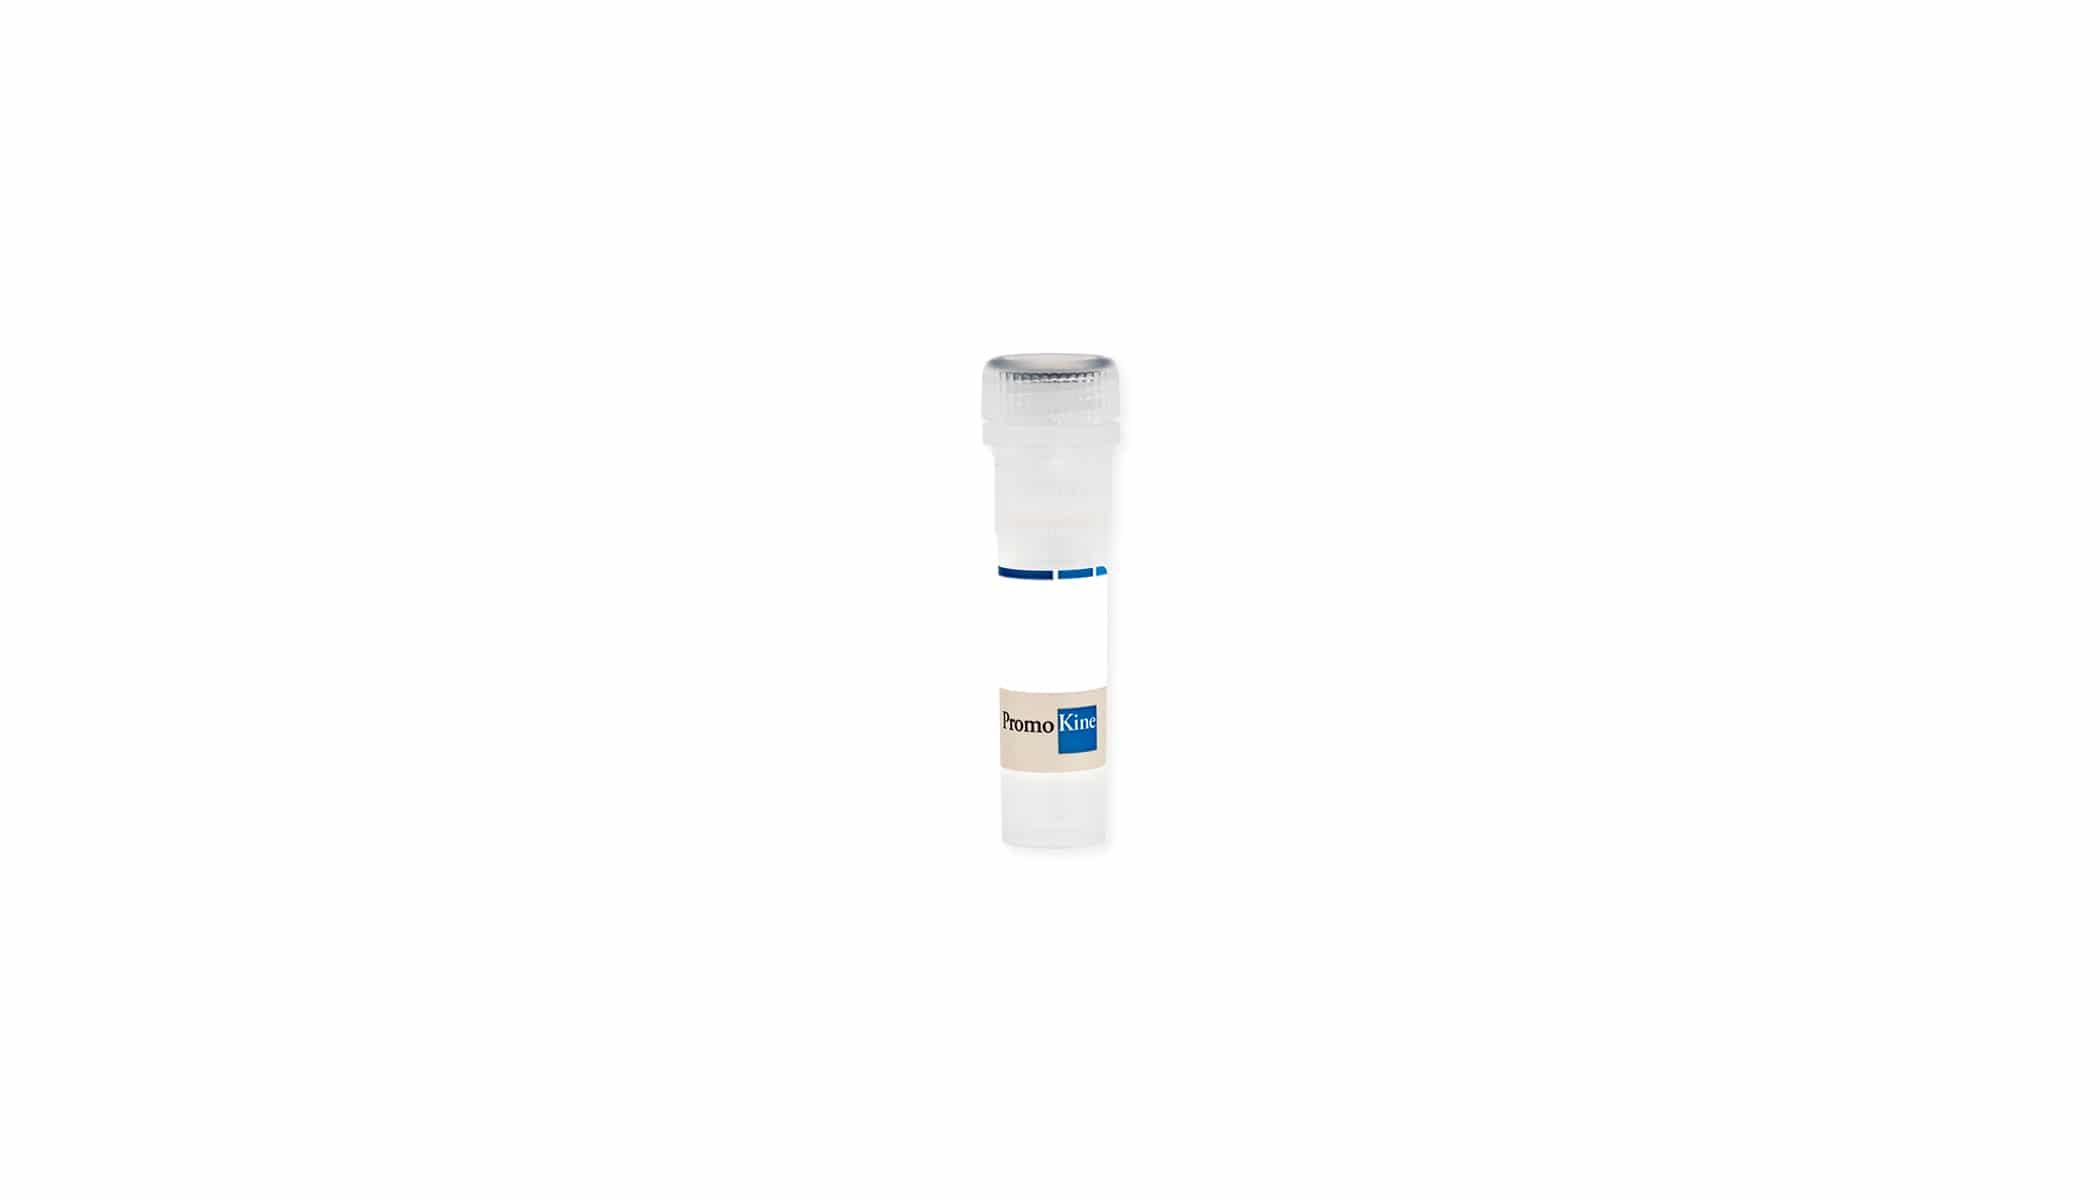 ZMYM2 peptide